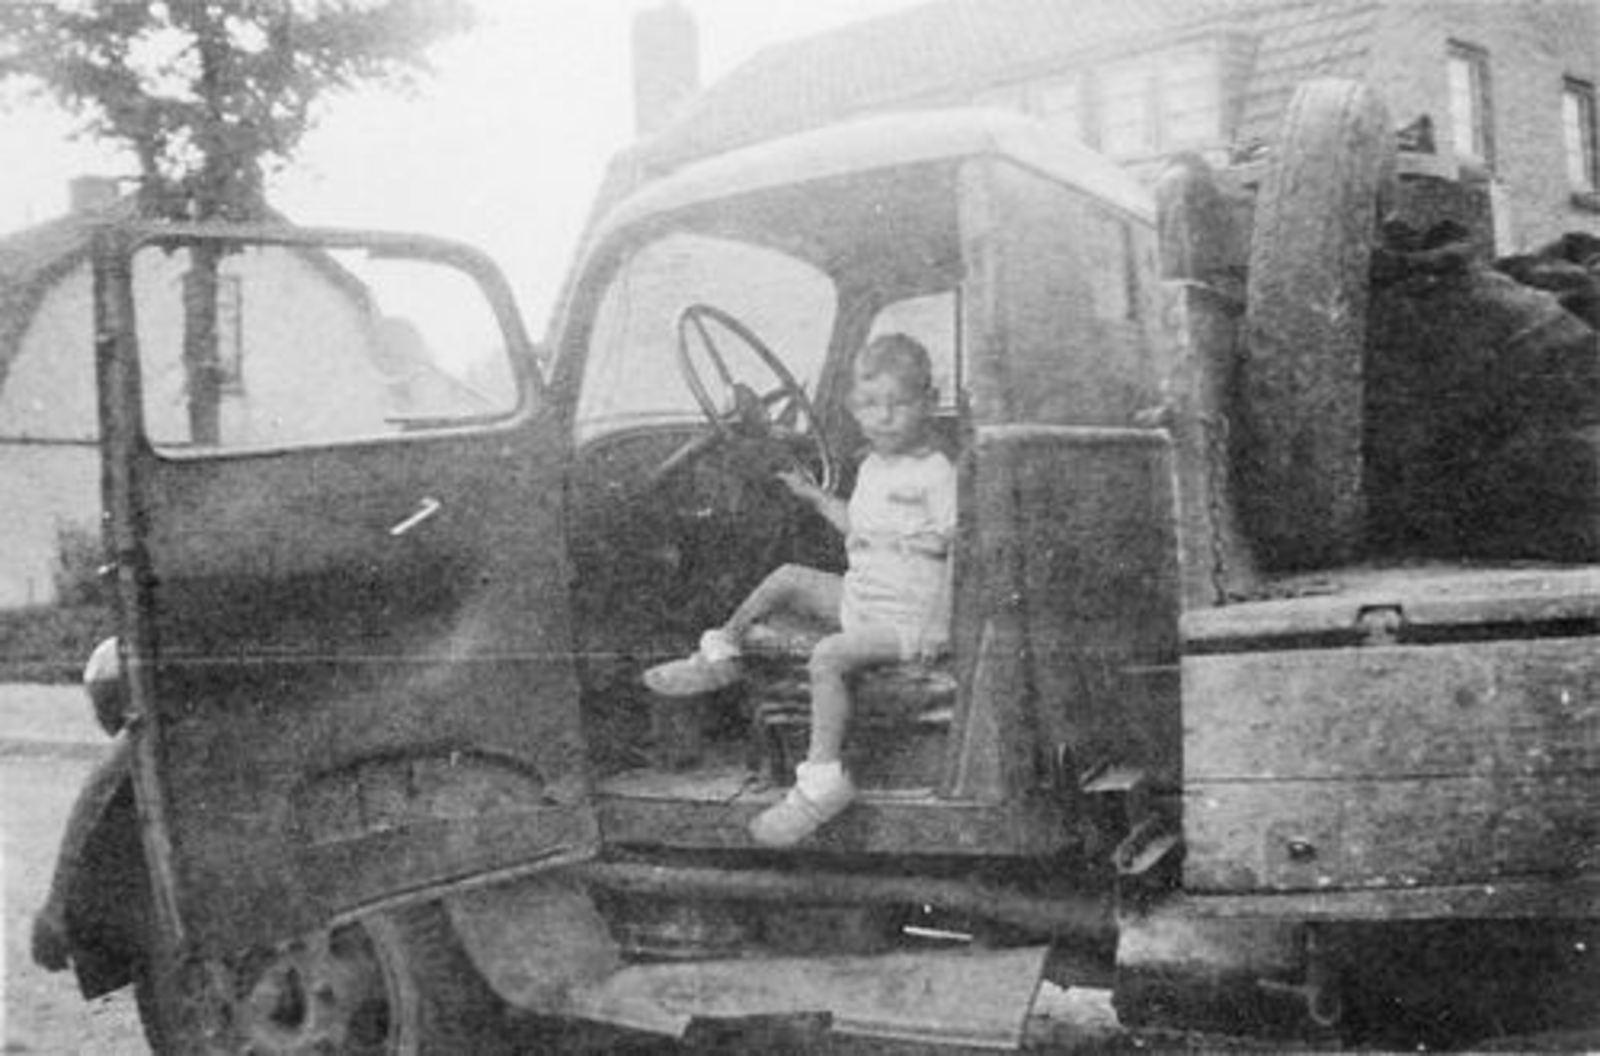 Koolbergen Aad 1941 1945± in Vrachtwagen vader Fons